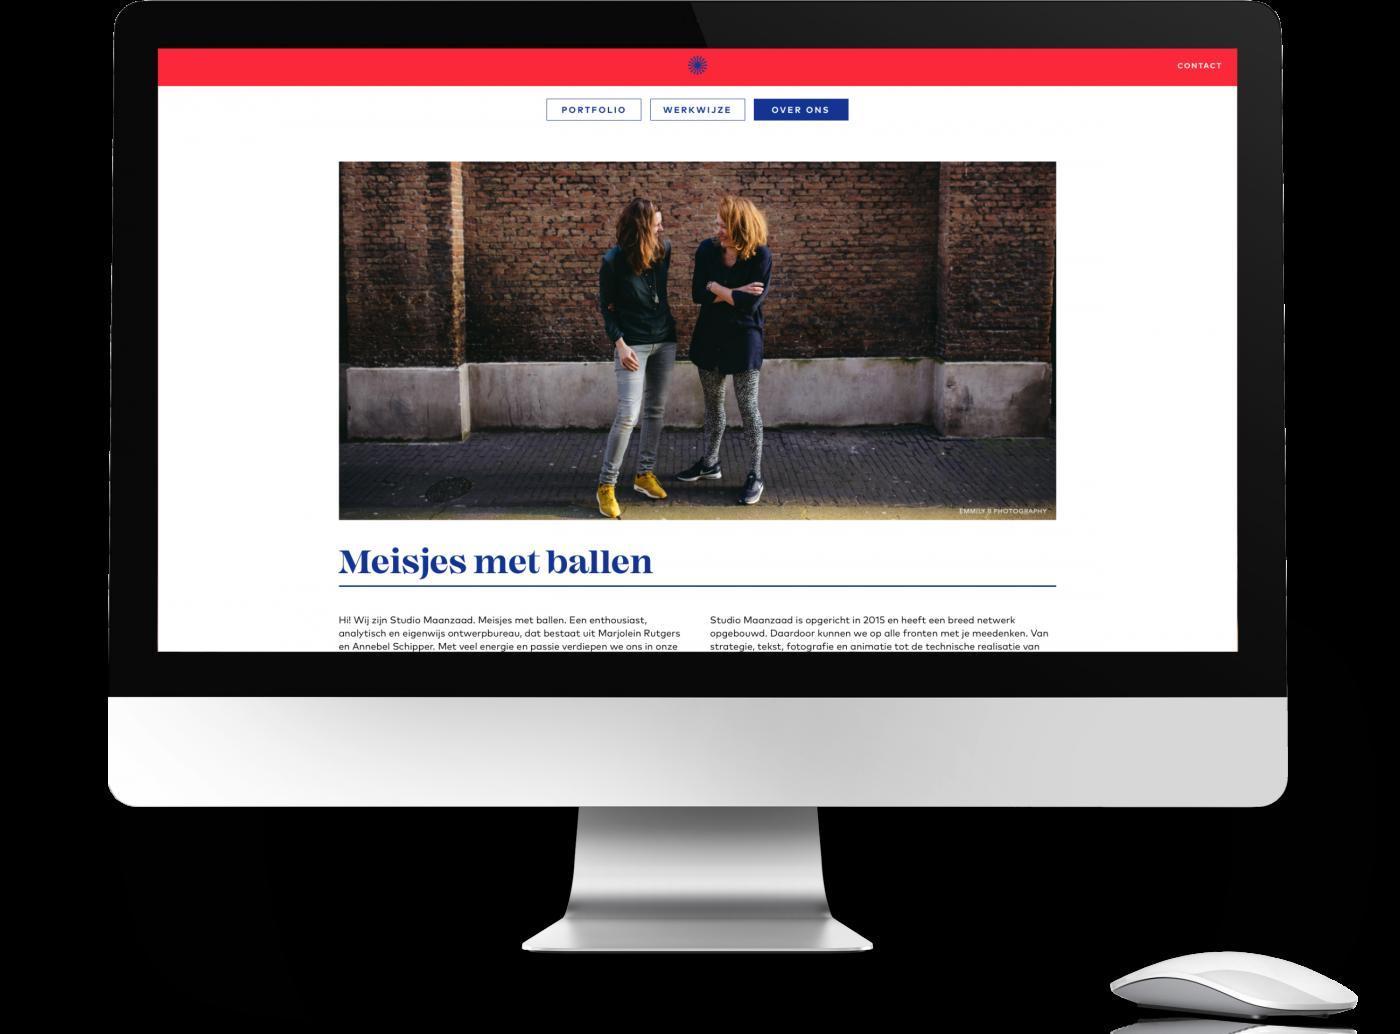 Meisje met ballen, een website voor studio maanzaad